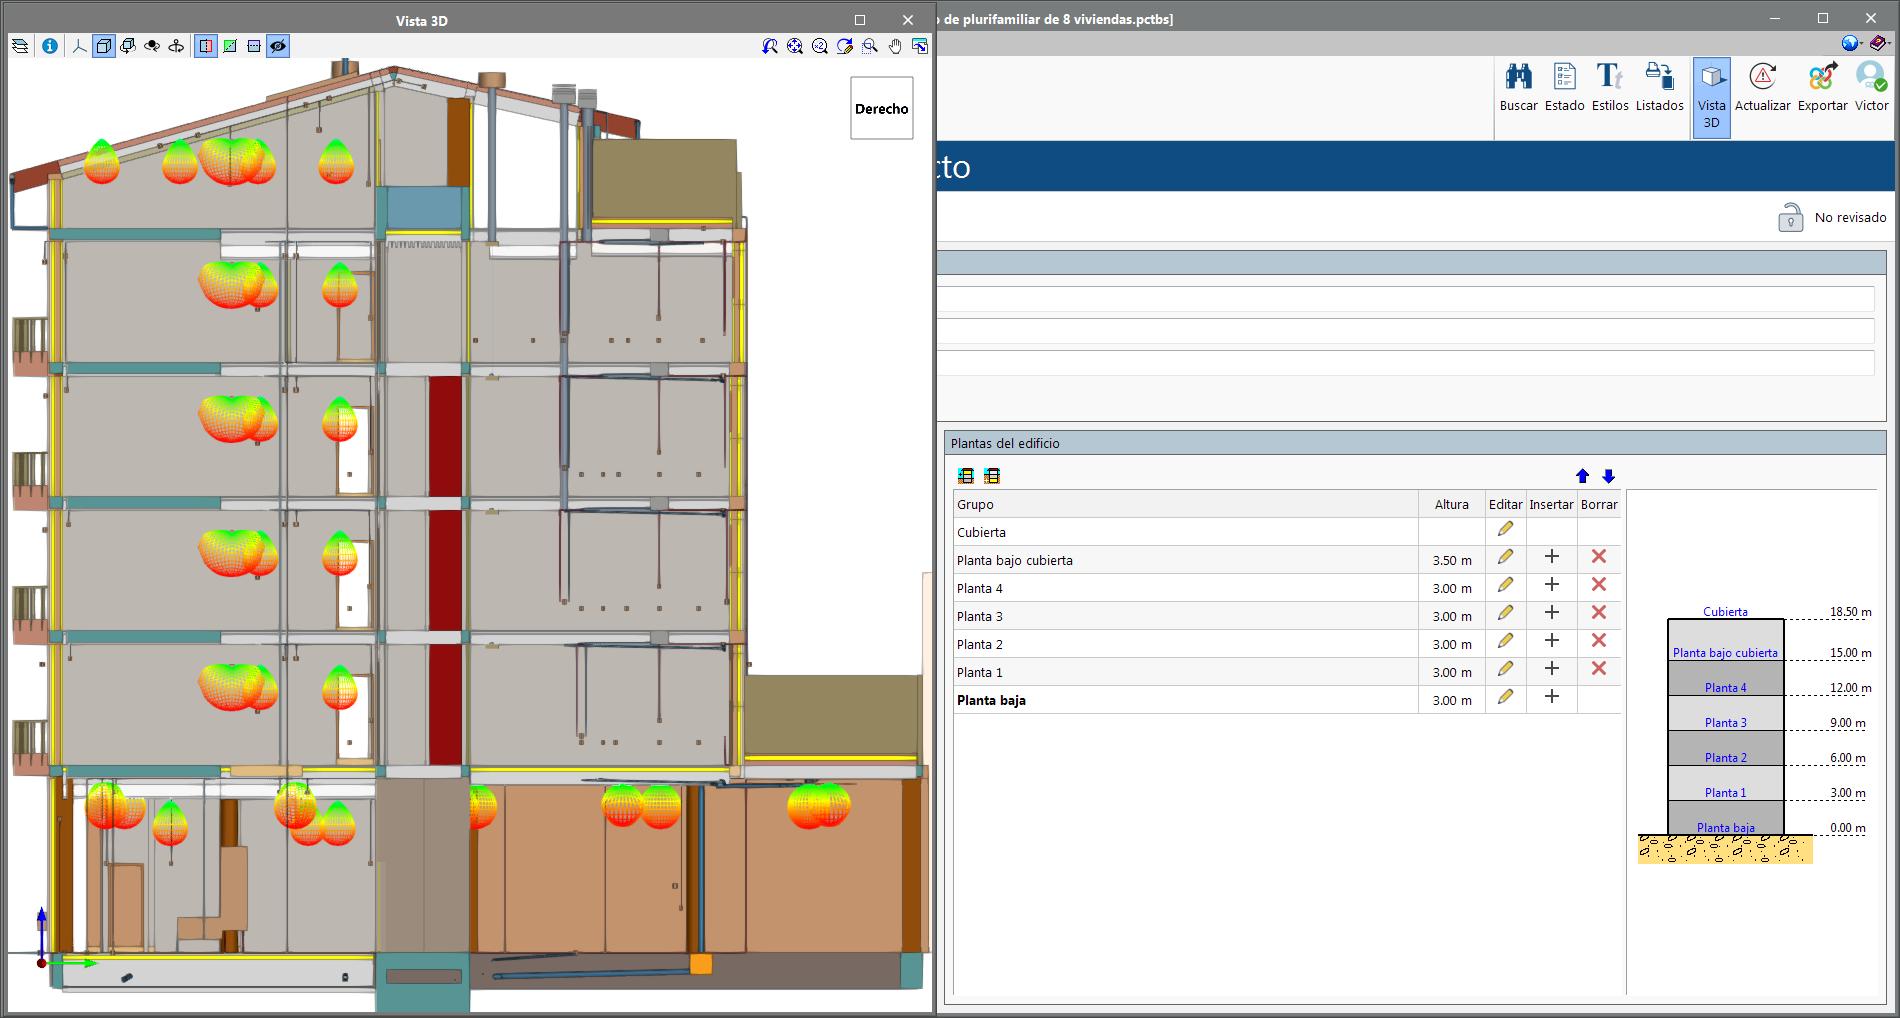 Open BIM Memorias CTE. Lectura de las plantas del edificio definidas en el proyecto BIM